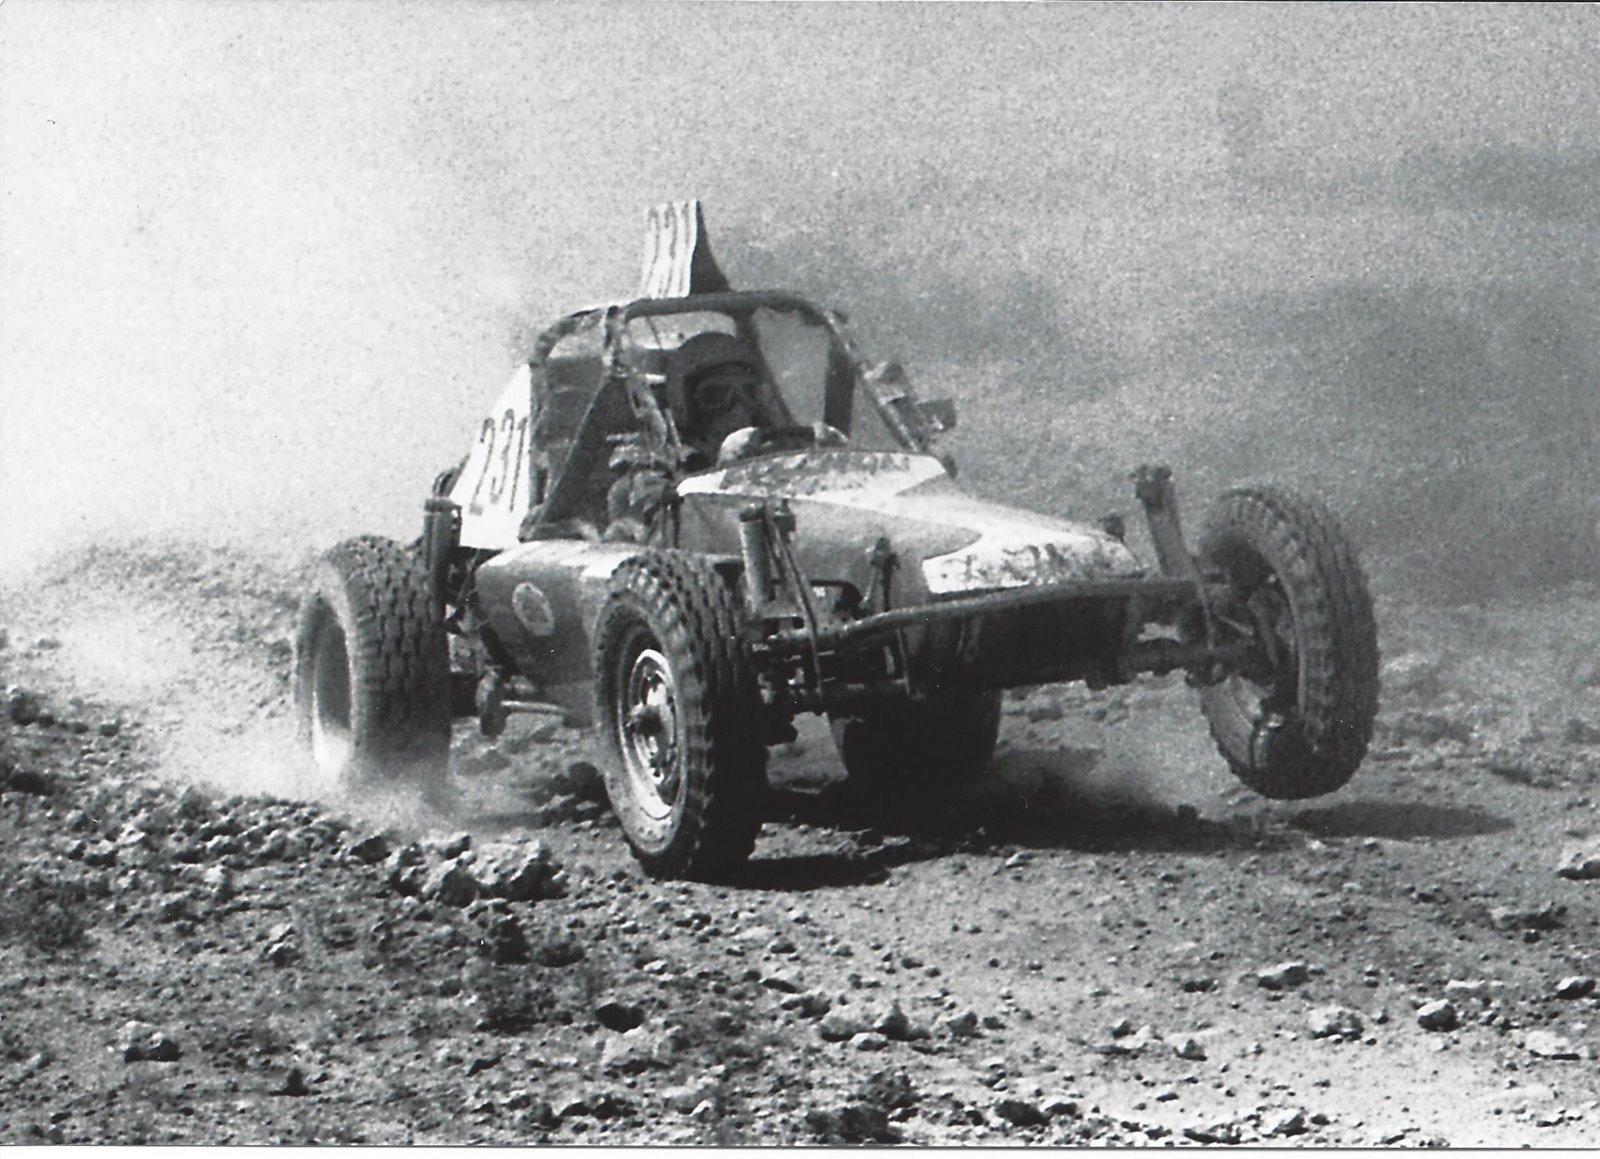 B&W Race Car Photos0005.jpg